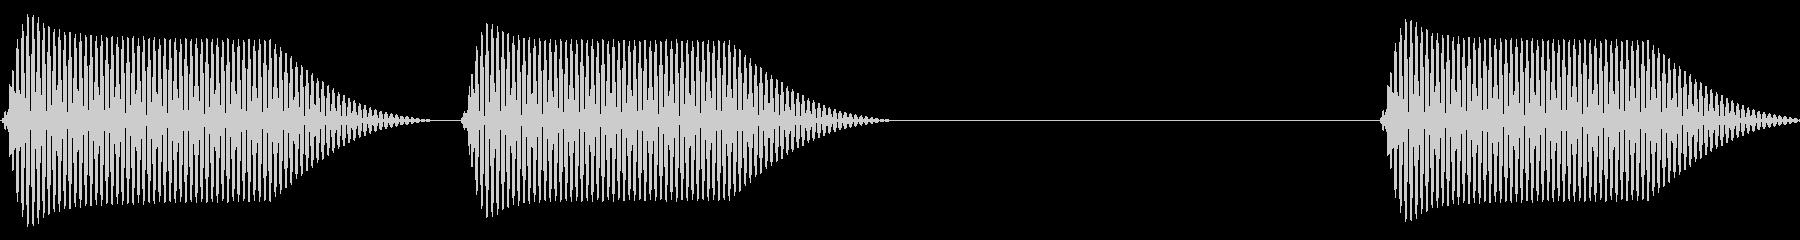 往年のRPG風 セリフ・吹き出し音 10の未再生の波形